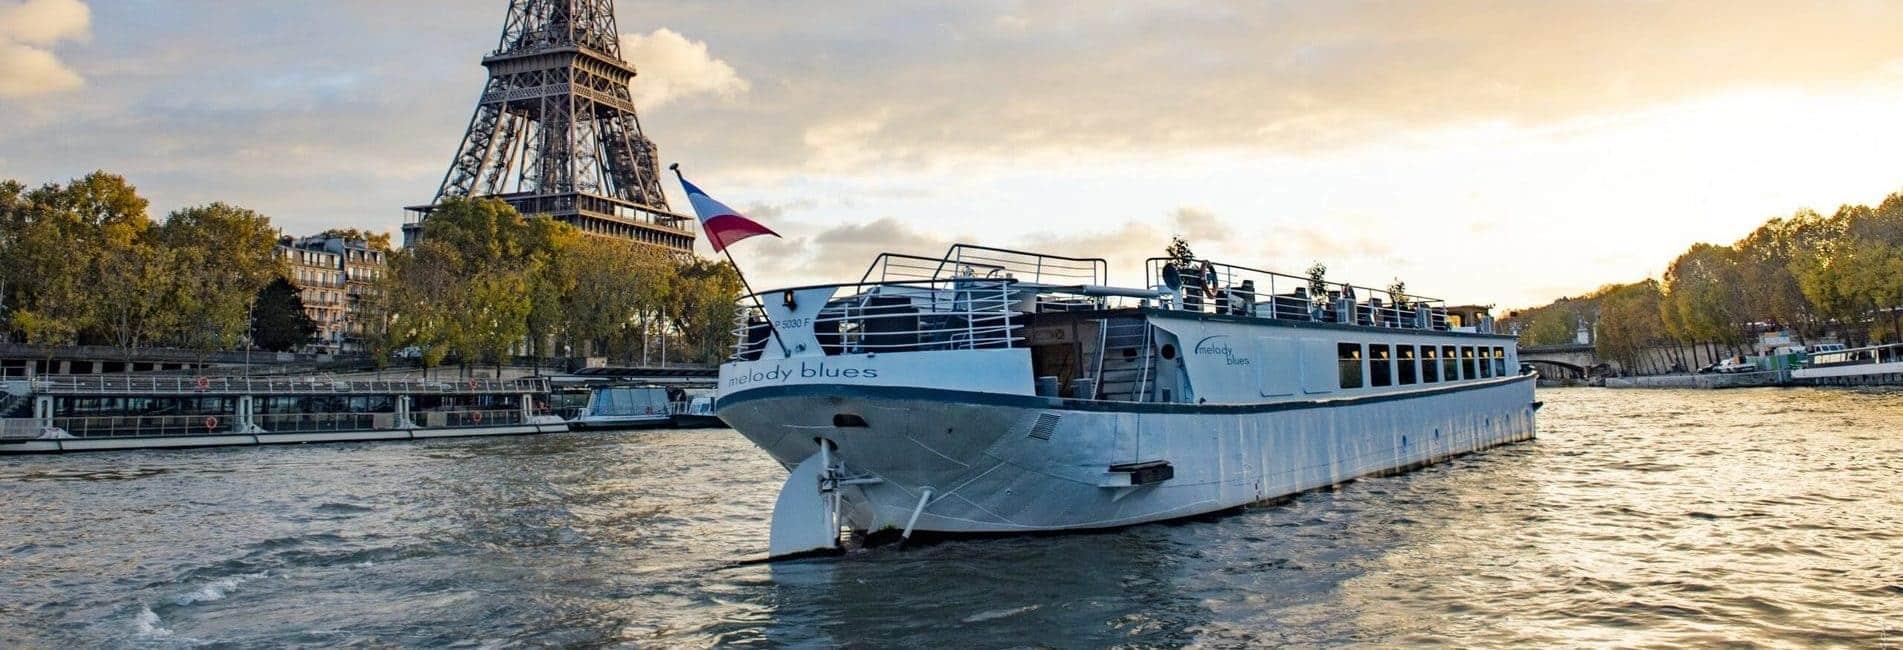 Croisière sur la Seine à bord de la peniche Melody Blues